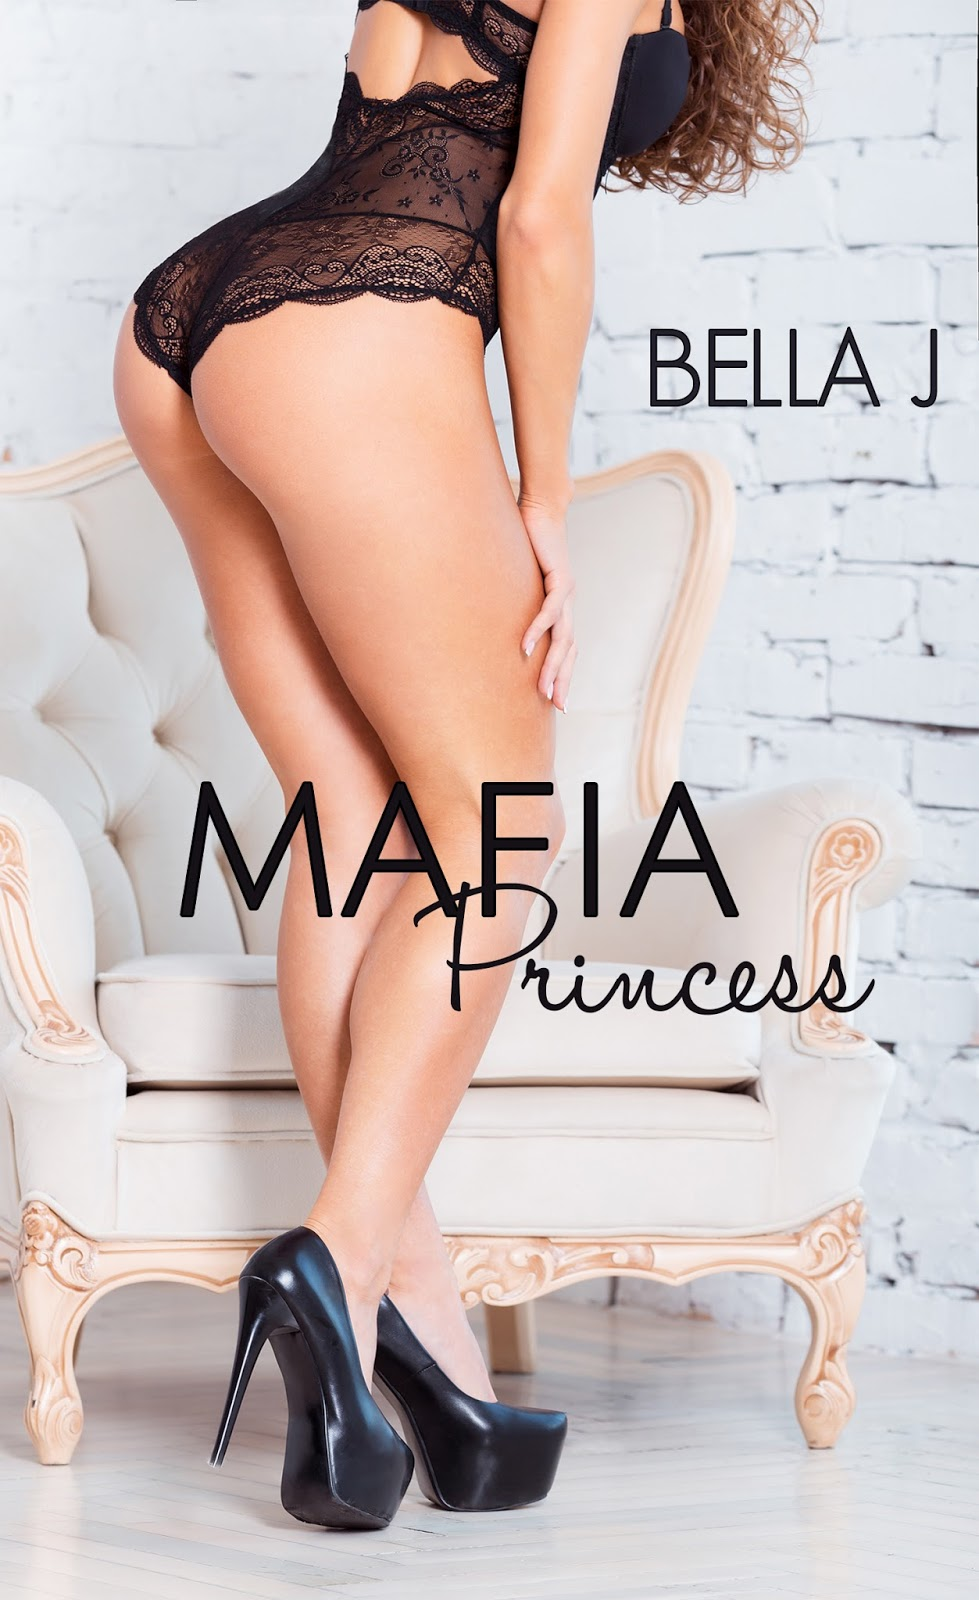 mafia-princess-porno